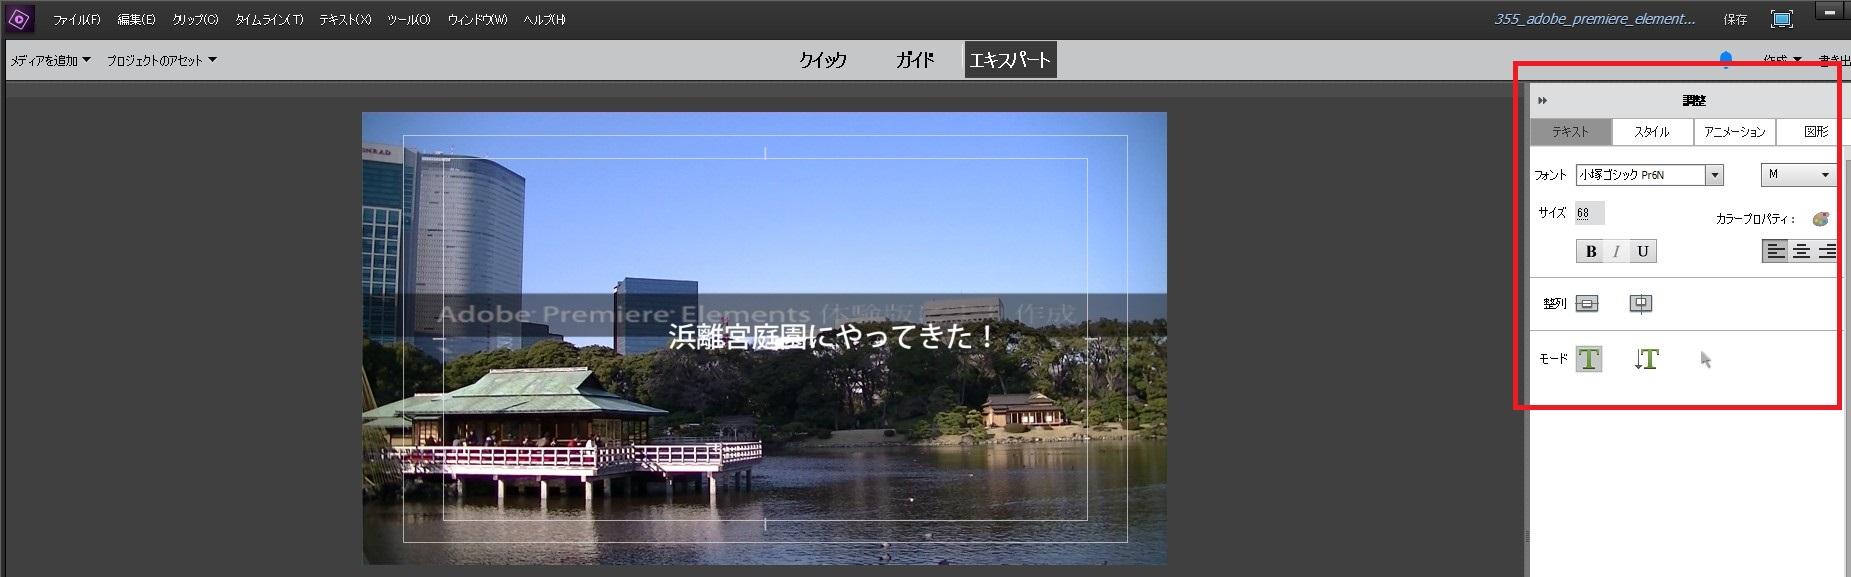 テキストテロップ(タイトル)の編集画面 Adobe Premiere Elements15の使い方